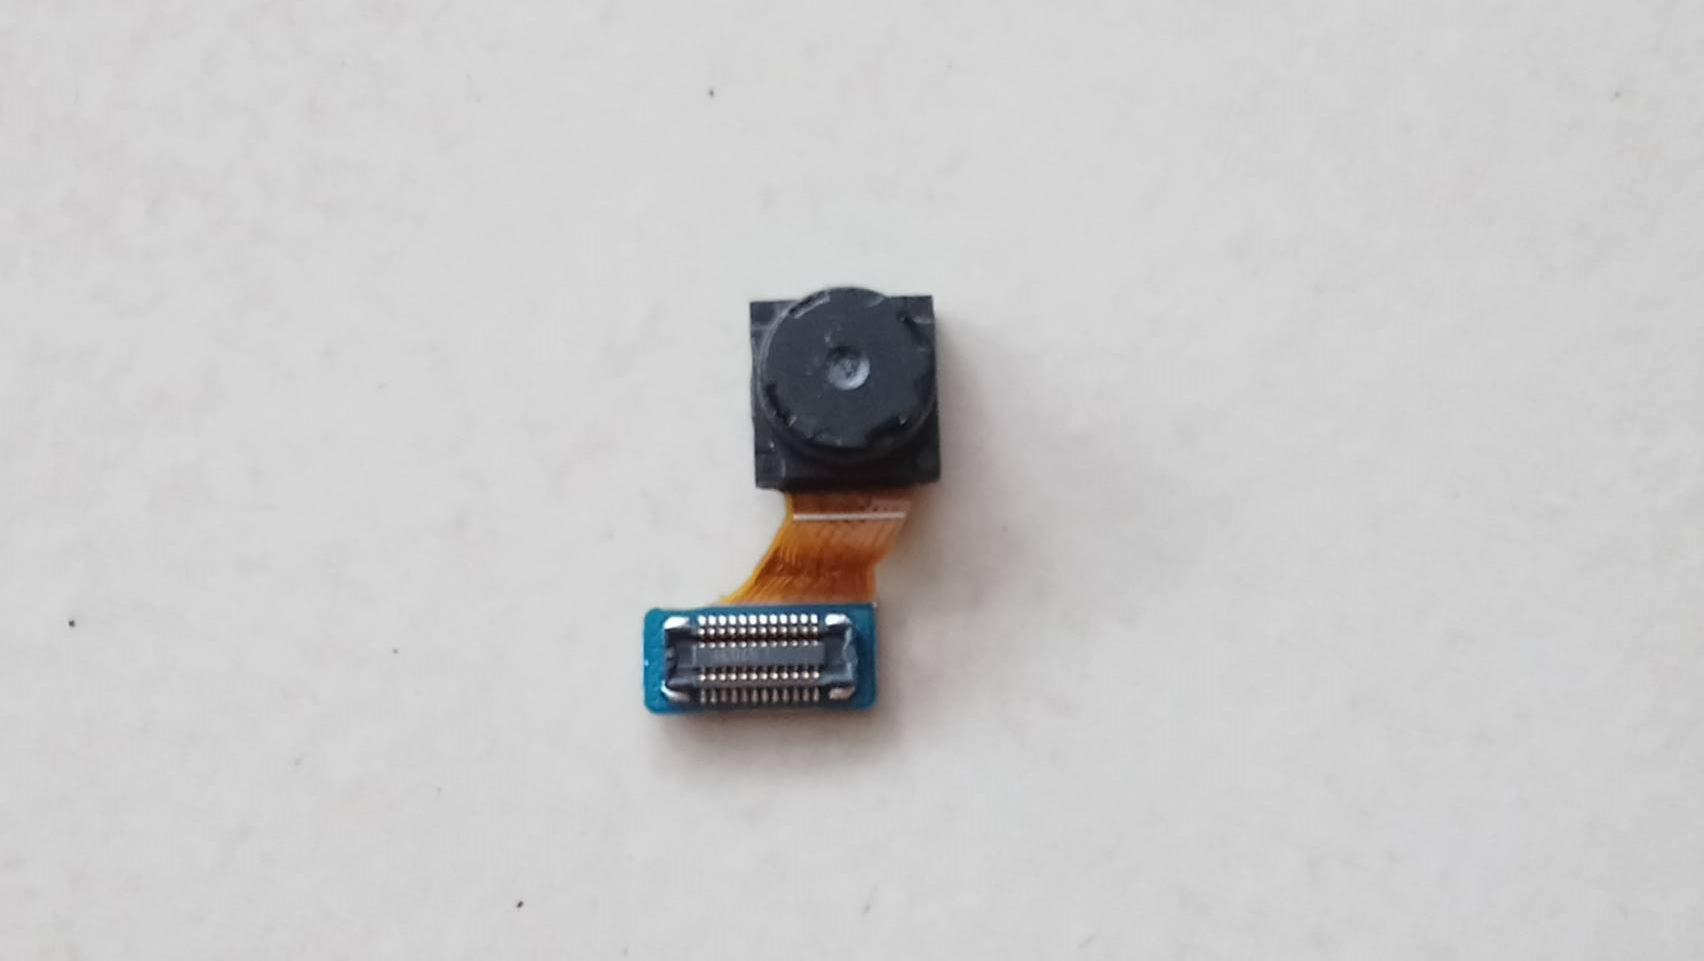 กล้องหน้าแท้ SAMSUNG J5 / J500G มือสอง